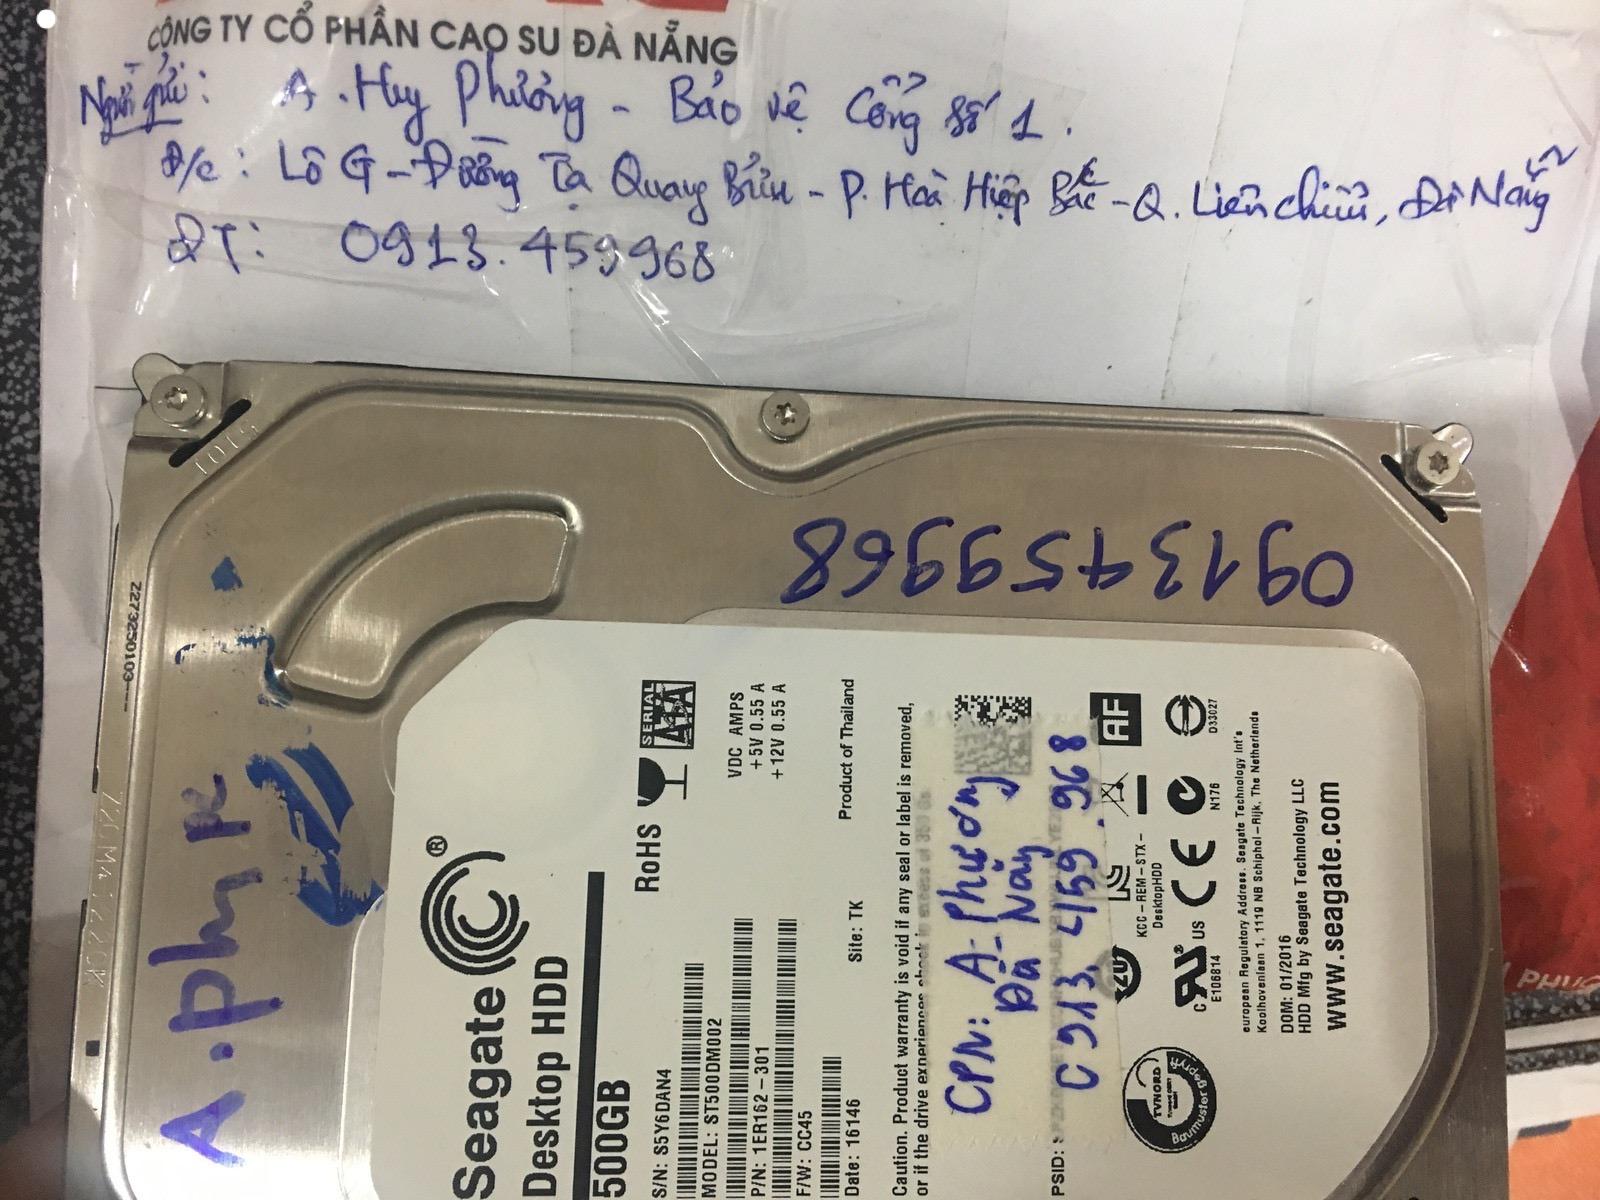 Khôi phục dữ liệu ổ cứng Seagate 500GB không nhận tại Đà Nẵng 20/03/2020 - cuumaytinh